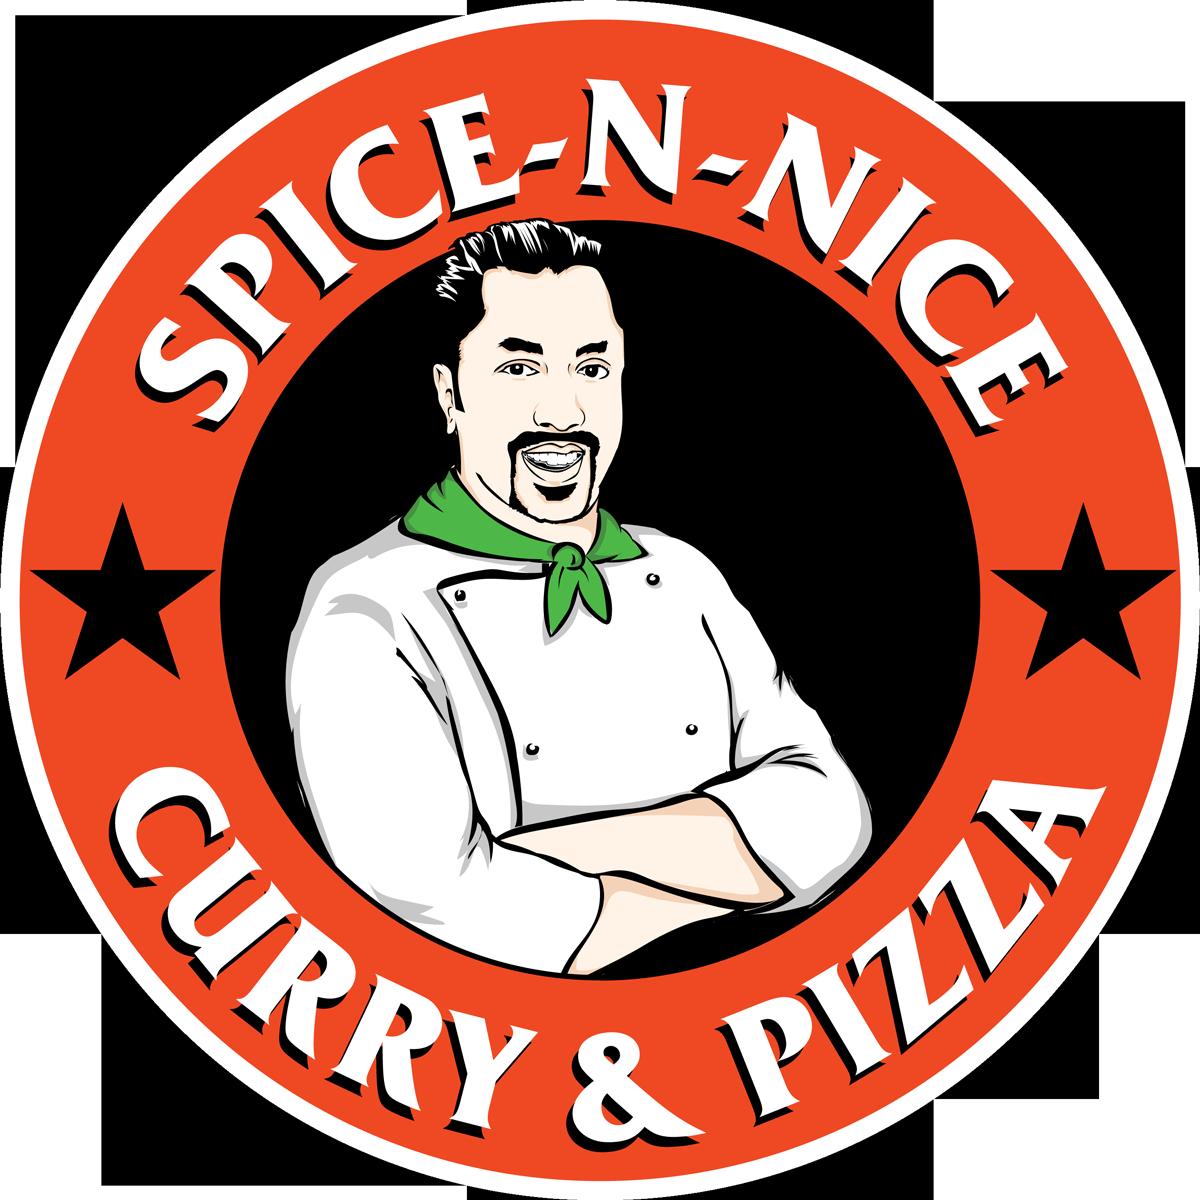 Spice-N-Nice   Spice N Nice - Pride & Passion, London